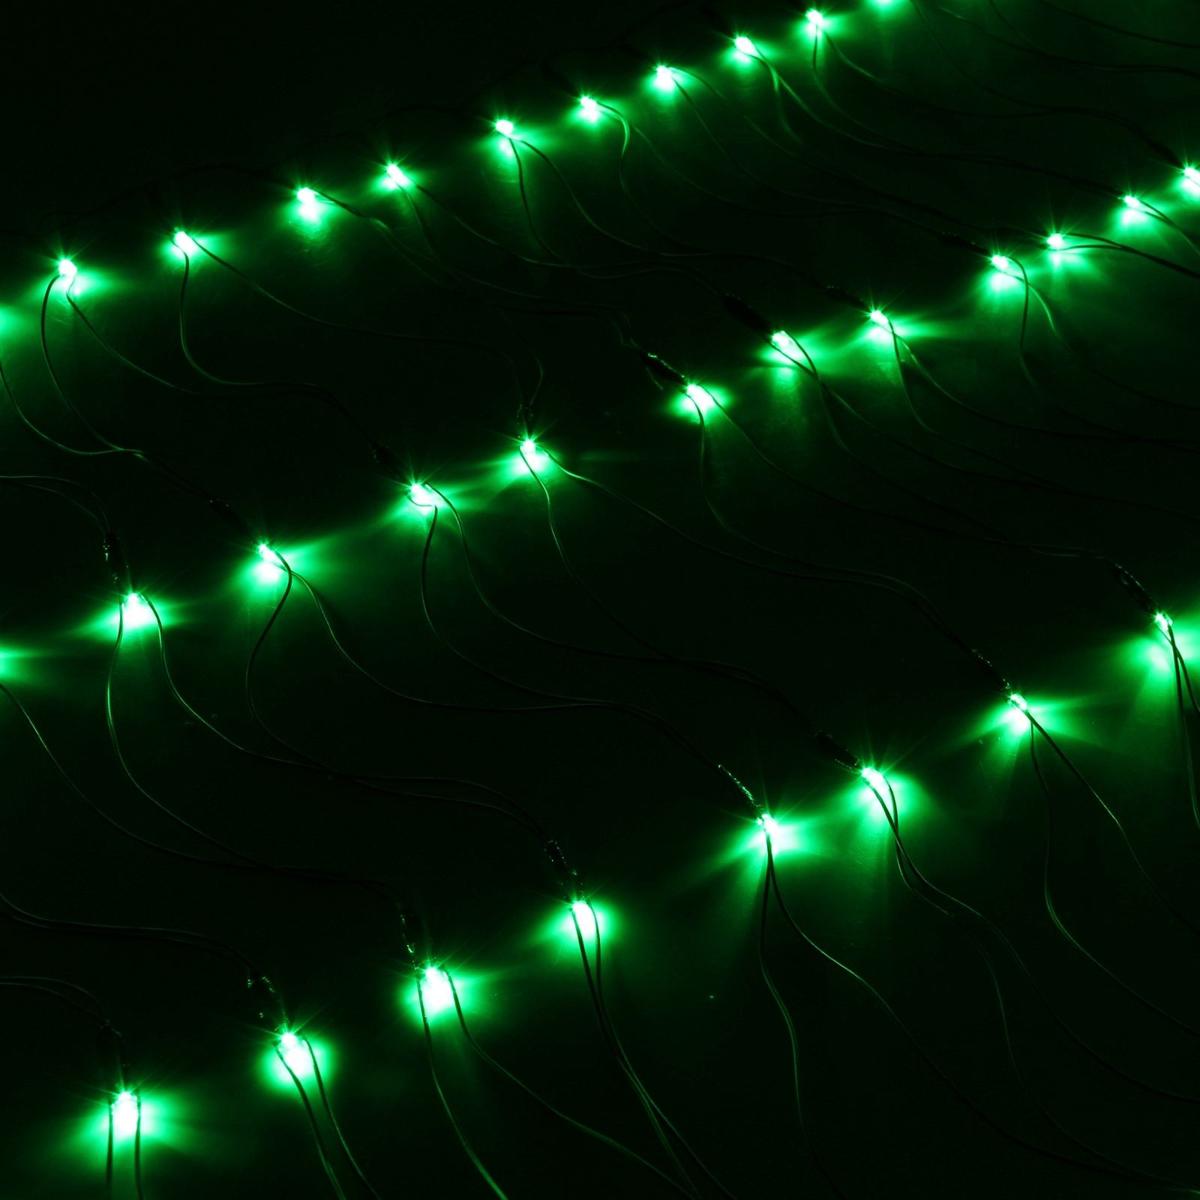 Гирлянда Luazon Сетка, длина 0,7 м, LED 96 ламп, 220V, цвет: зеленый. 187200187200Светодиодные гирлянды, ленты и т.д — это отличный вариант для новогоднего оформления интерьера или фасада. С их помощью помещение любого размера можно превратить в праздничный зал, а внешние элементы зданий, украшенные ими, мгновенно станут напоминать очертания сказочного дворца. Такие украшения создают ауру предвкушения чуда. Деревья, фасады, витрины, окна и арки будто специально созданы, чтобы вы украсили их светящимися нитями.